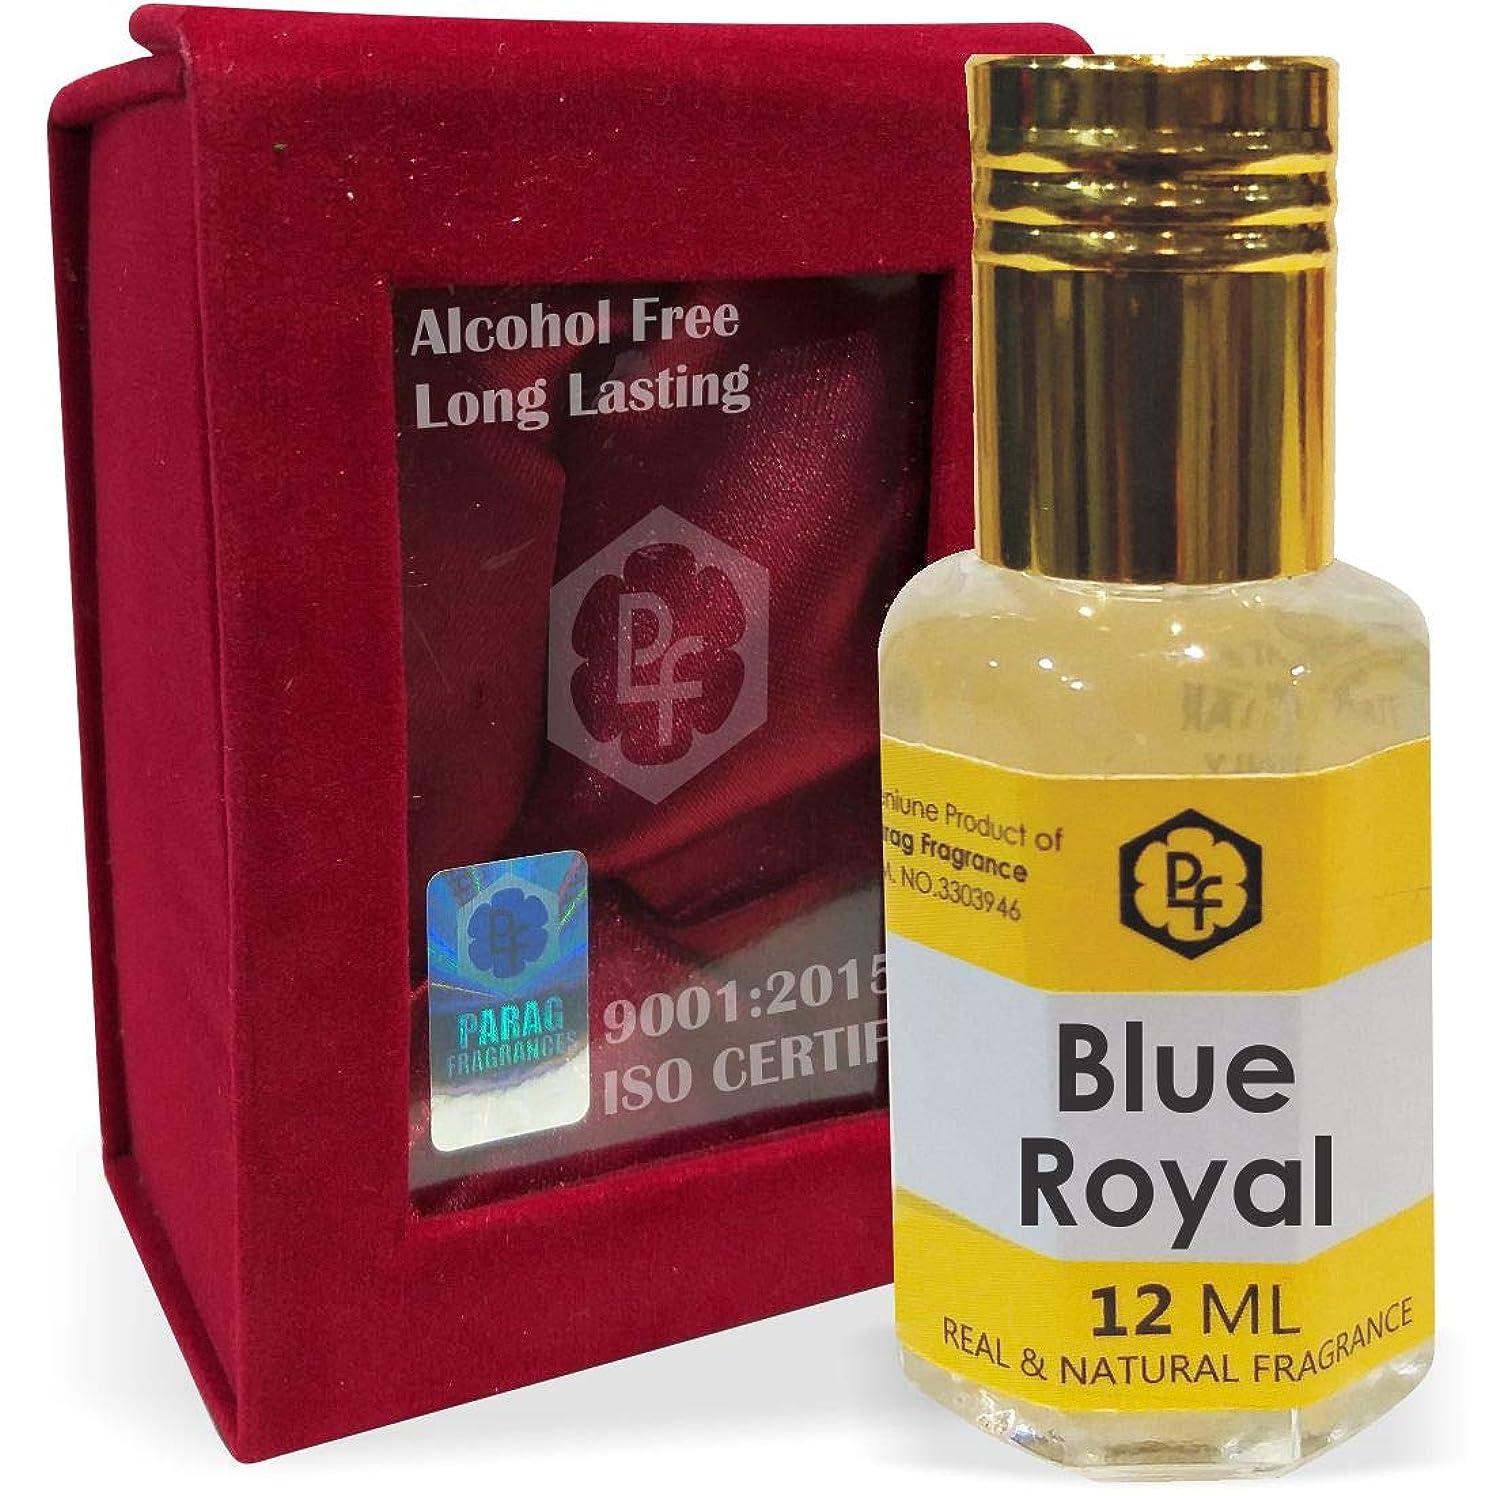 とにかく木材落胆したParagフレグランスブルーロイヤル12ミリリットルアター/手作りベルベットボックス香油/(インドの伝統的なBhapka処理方法により、インド製)フレグランスオイル|アターITRA最高の品質長持ち